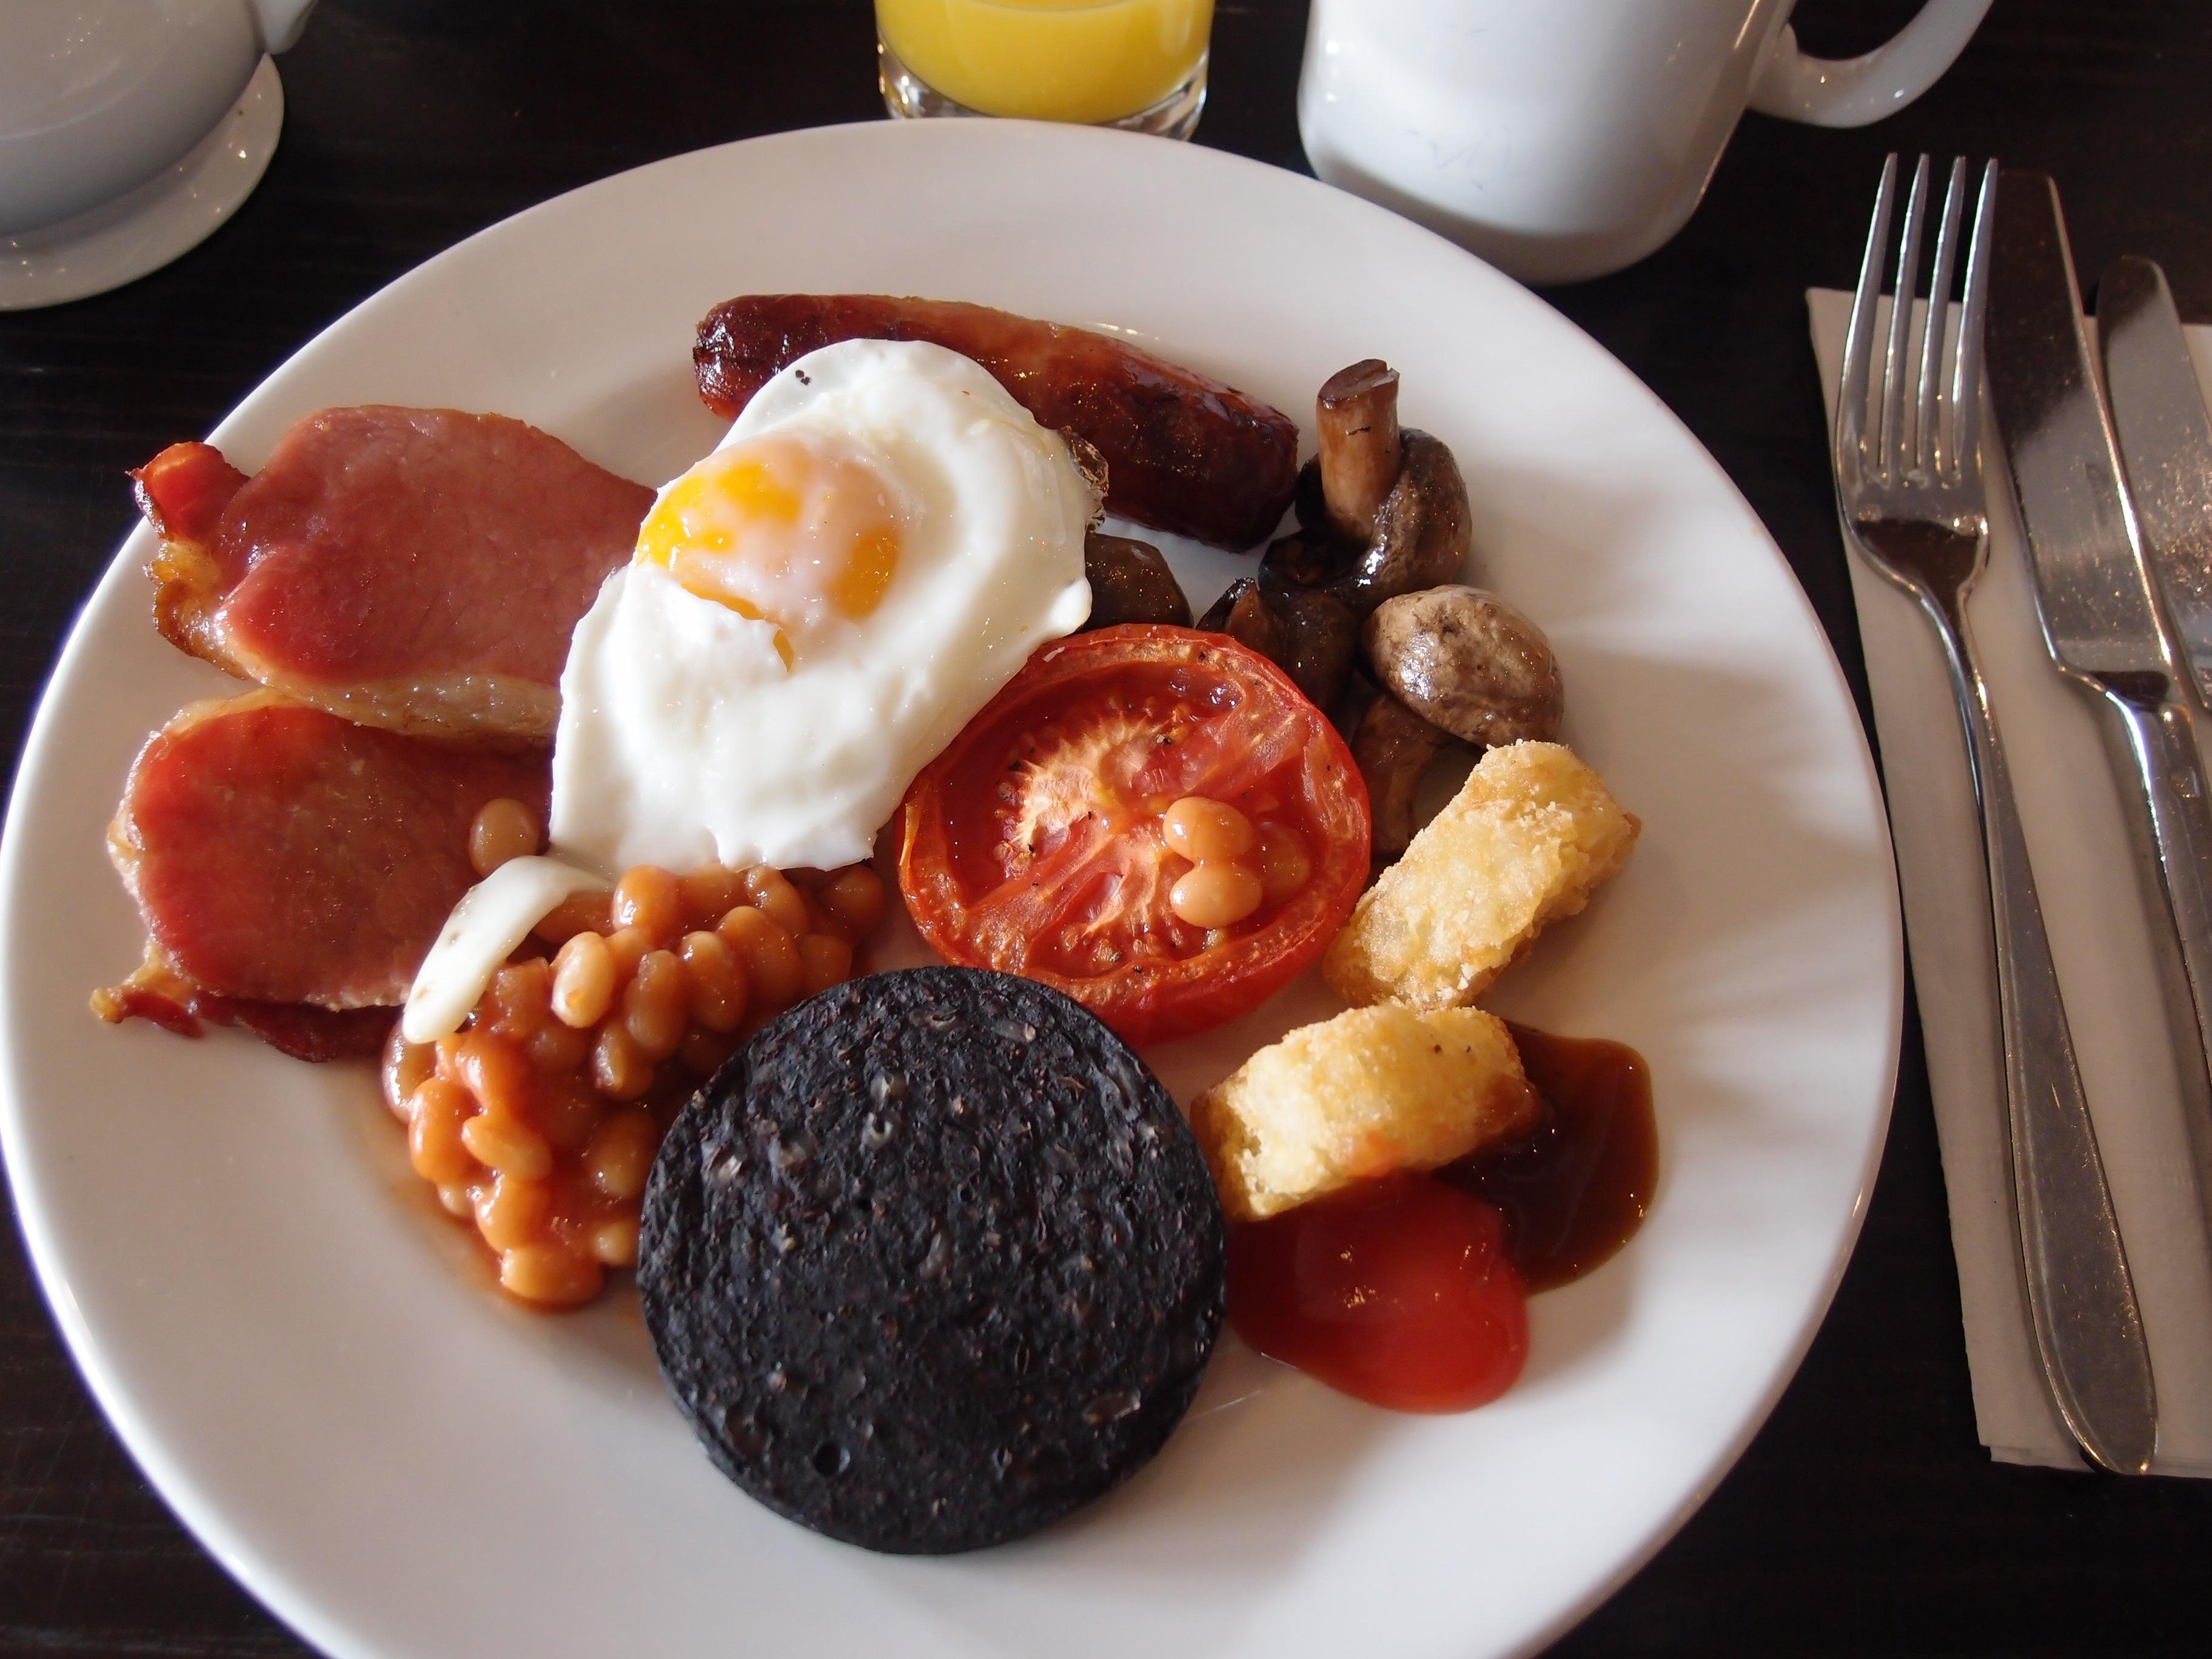 イギリス料理(朝食)は、イングリッシュ・ブレックファーストだけではありませんでした